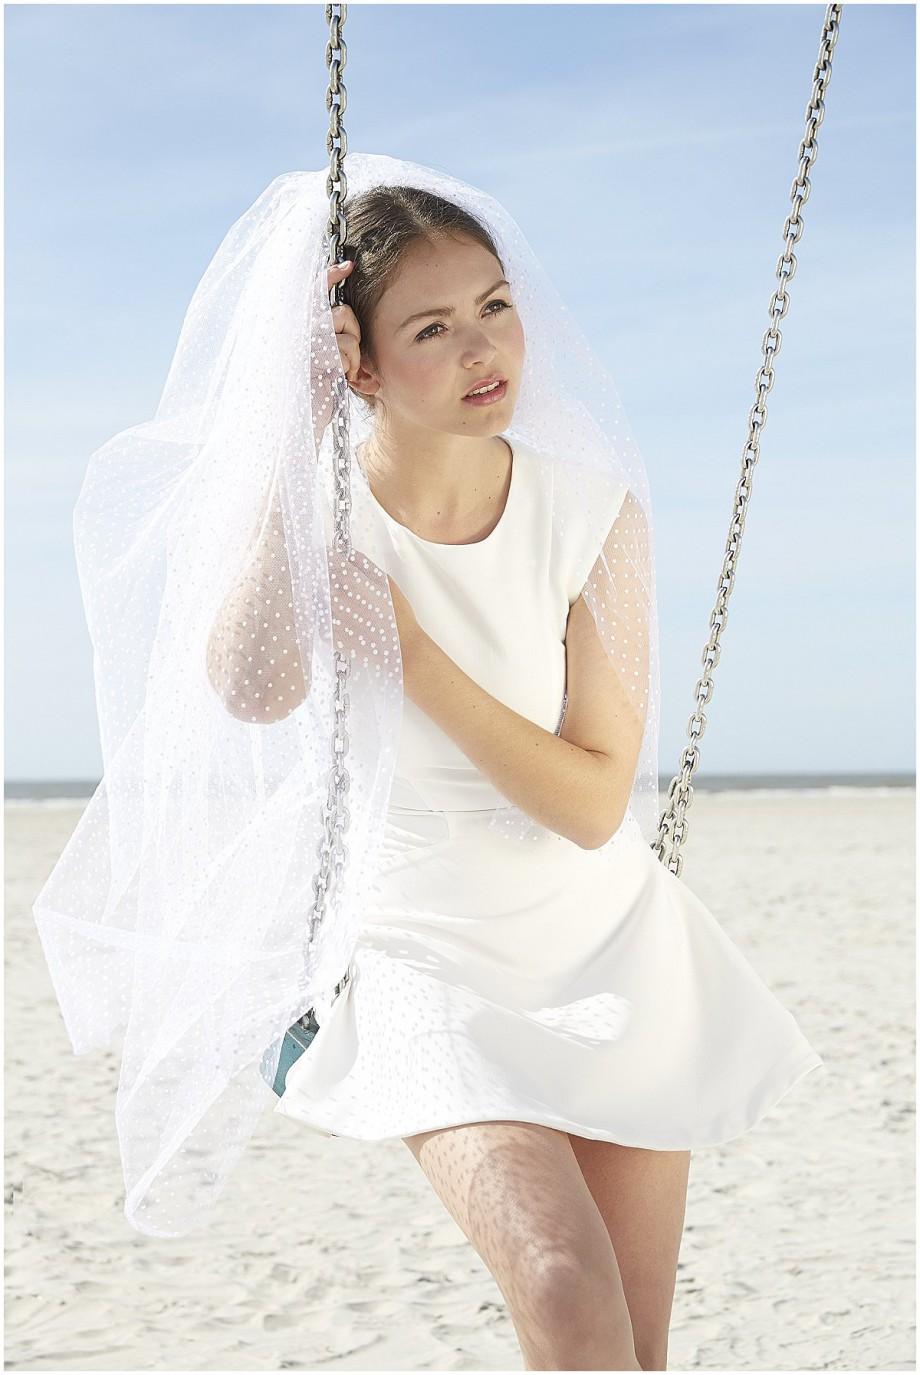 Mit Schleier zur Hochzeit? |Schleier von BelleJulie | Verrueckt nach Hochzeit